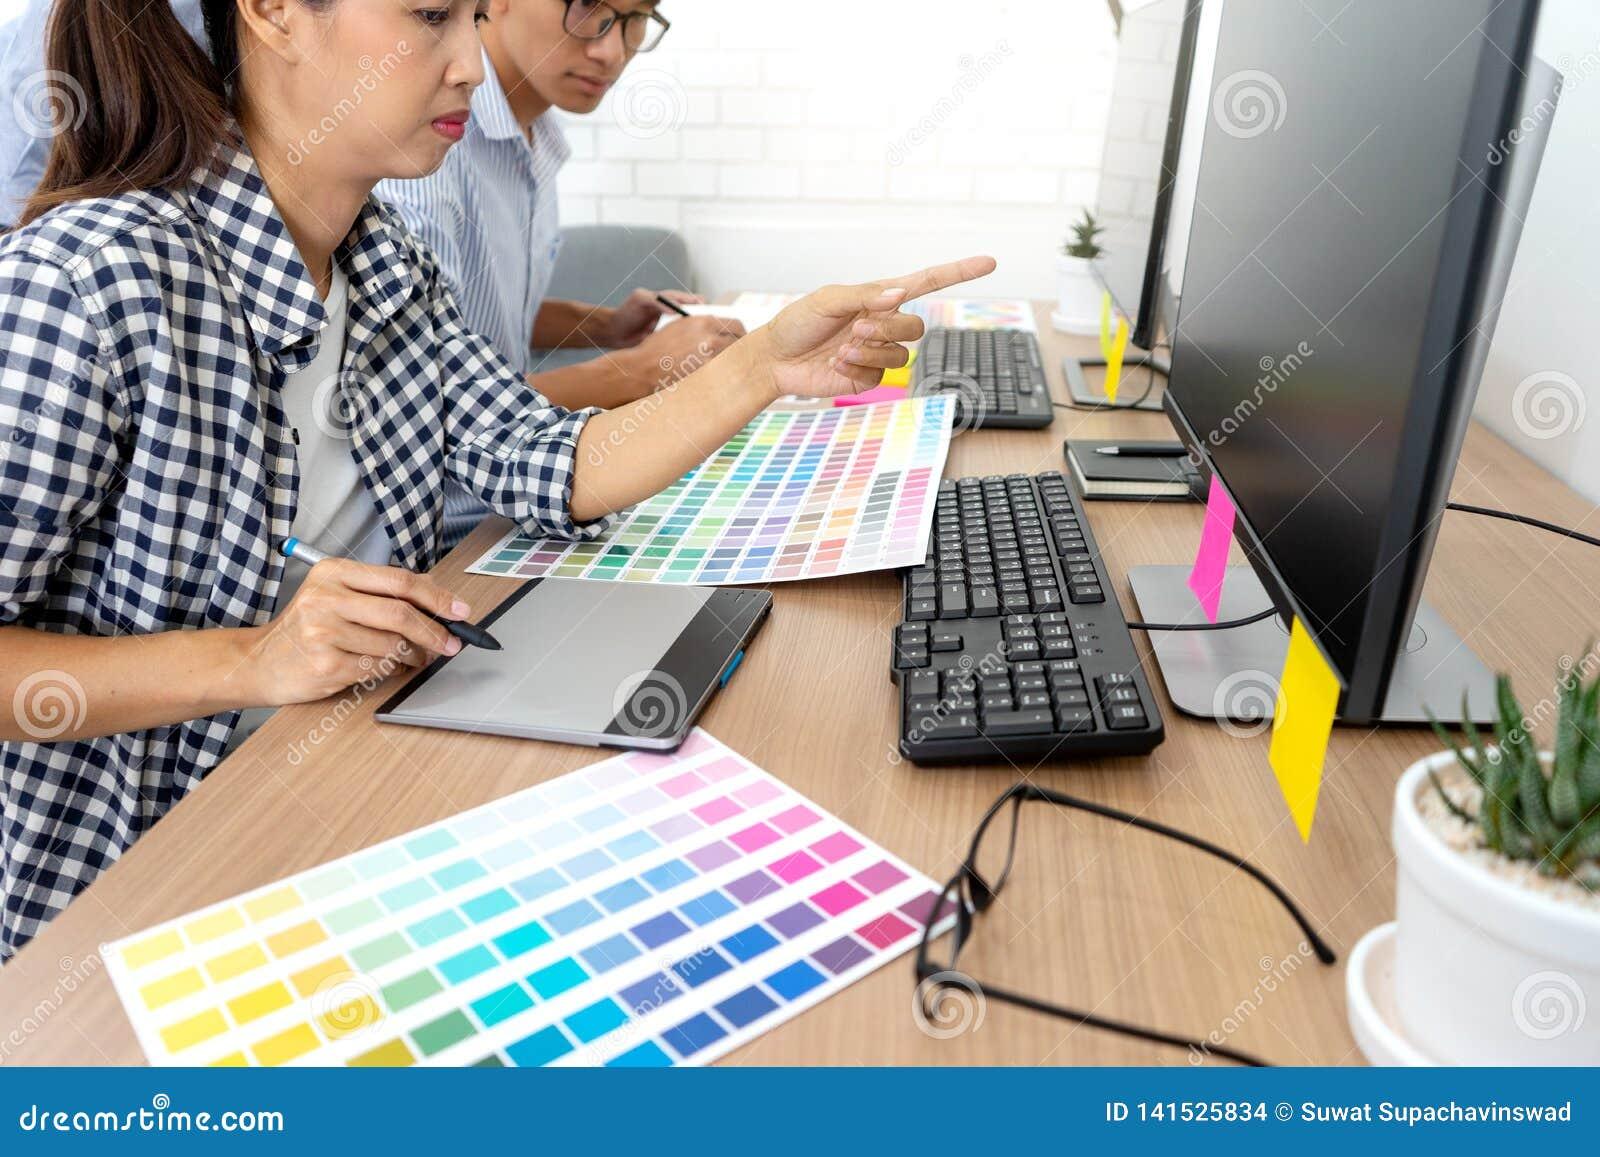 图形设计的团队工作